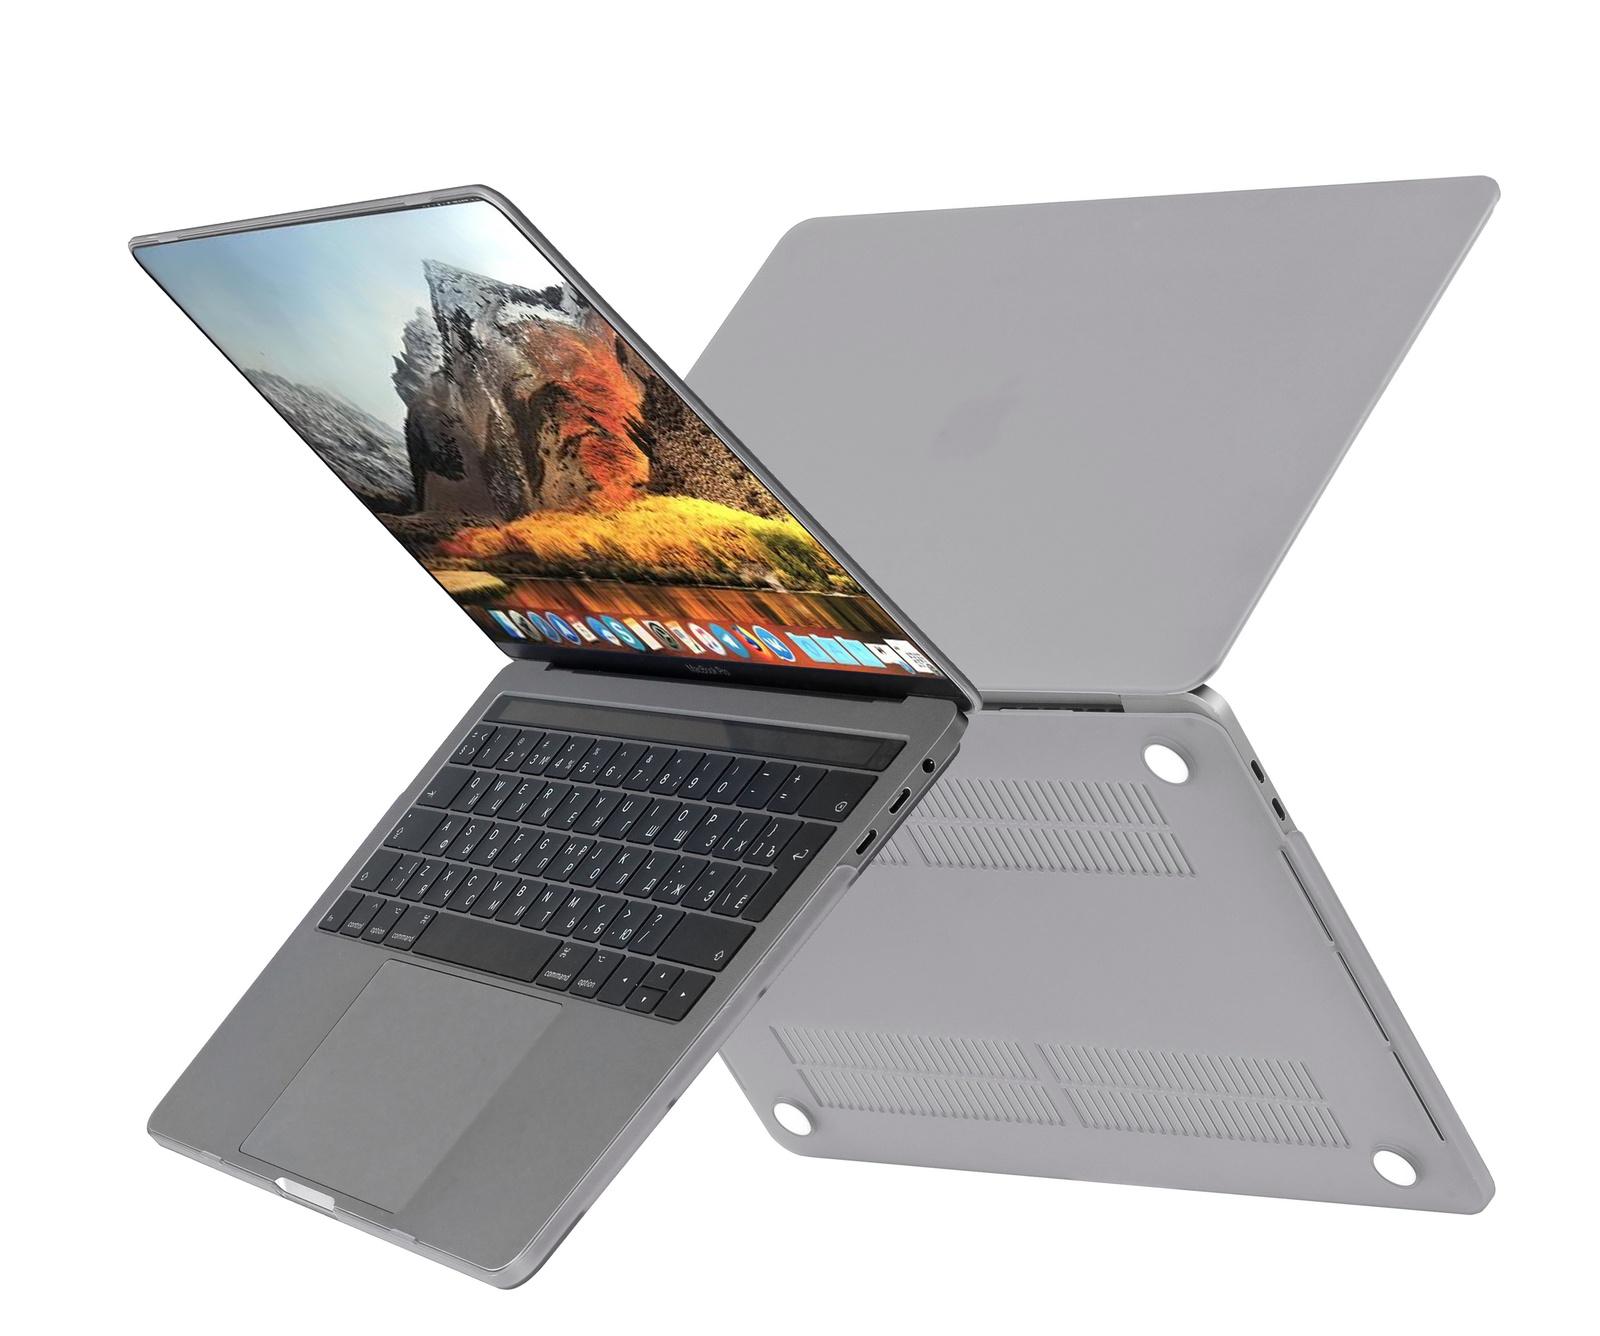 Чехол HardShell Case для Macbook Pro 15 Retina, светло серый сумки с длинной ручкой сумки с короткой ручкой однотонный текстильный для новый macbook pro 15 новый macbook pro 13 macbook pro